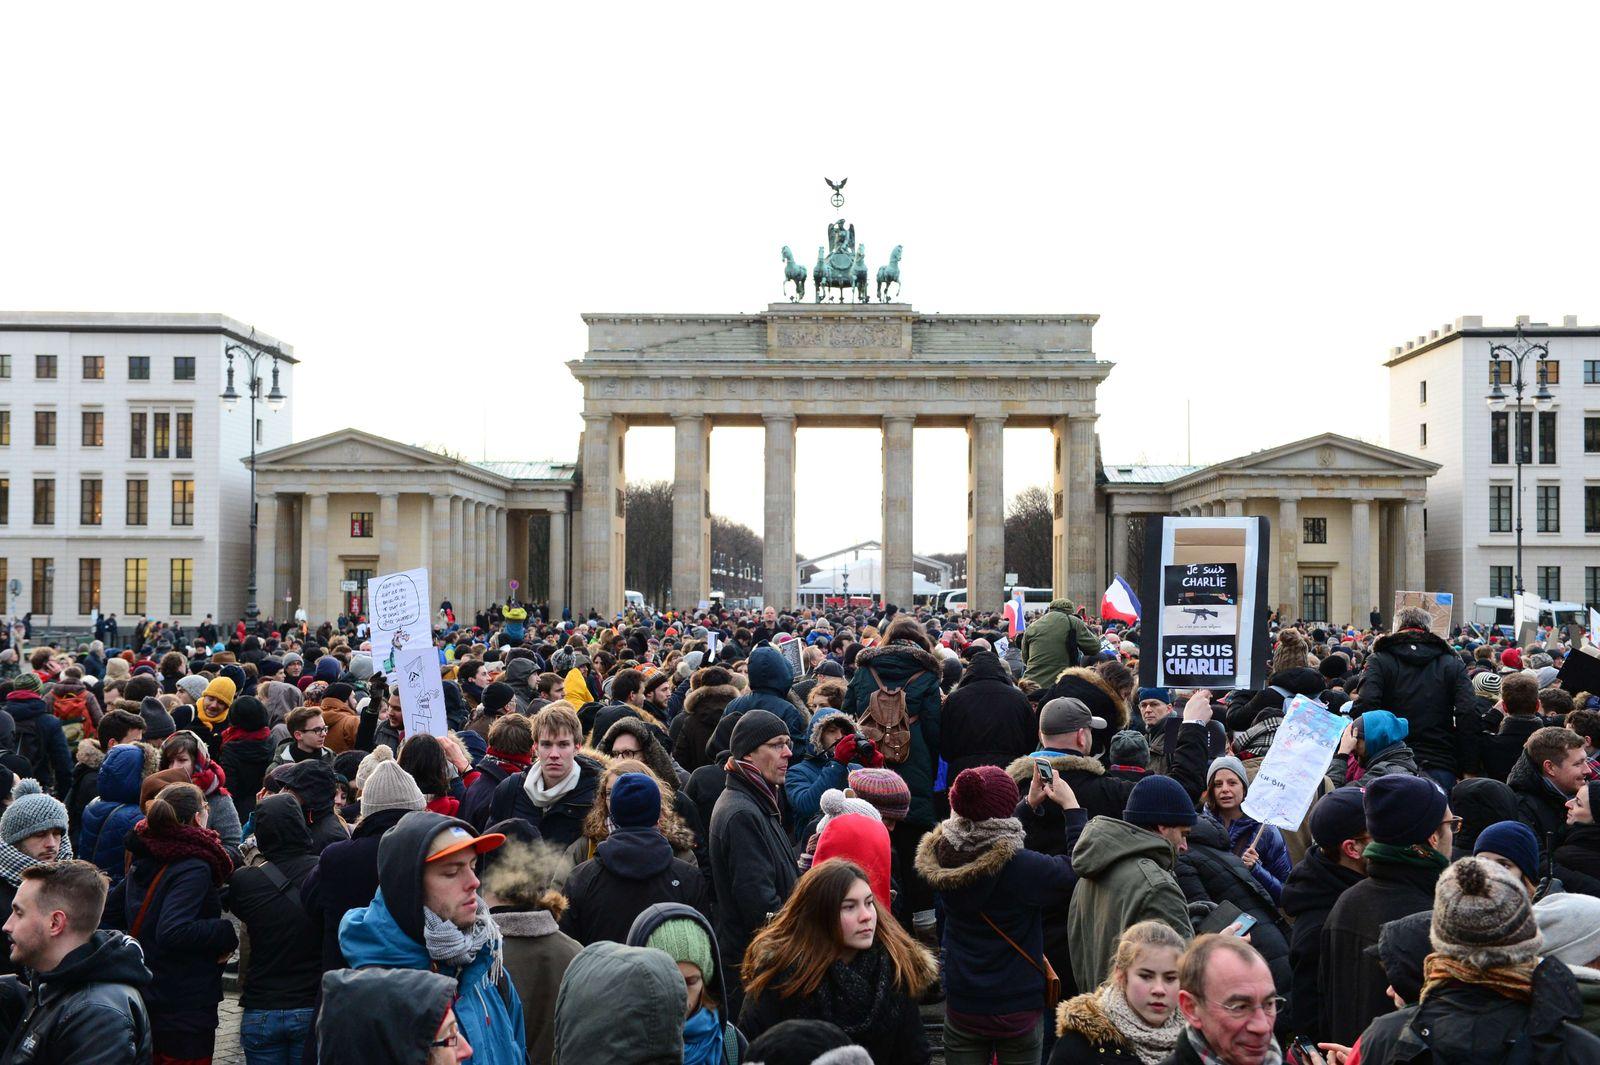 Berlin / Pariser Platz